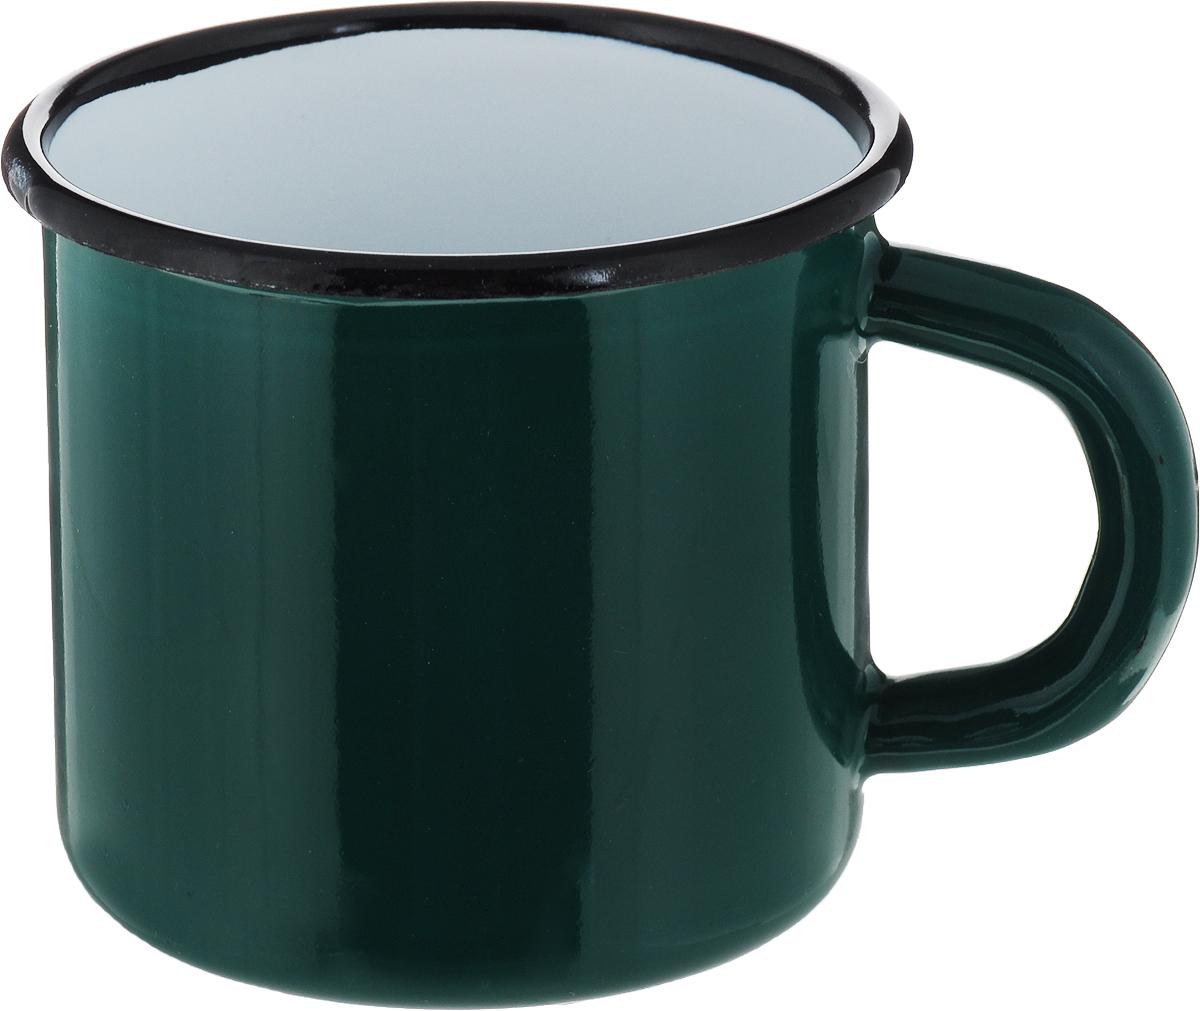 Кружка эмалированная СтальЭмаль, цвет: зеленый, 250 мл2с1я_зеленыйКружка эмалированная СтальЭмаль, цвет: зеленый, 250 мл